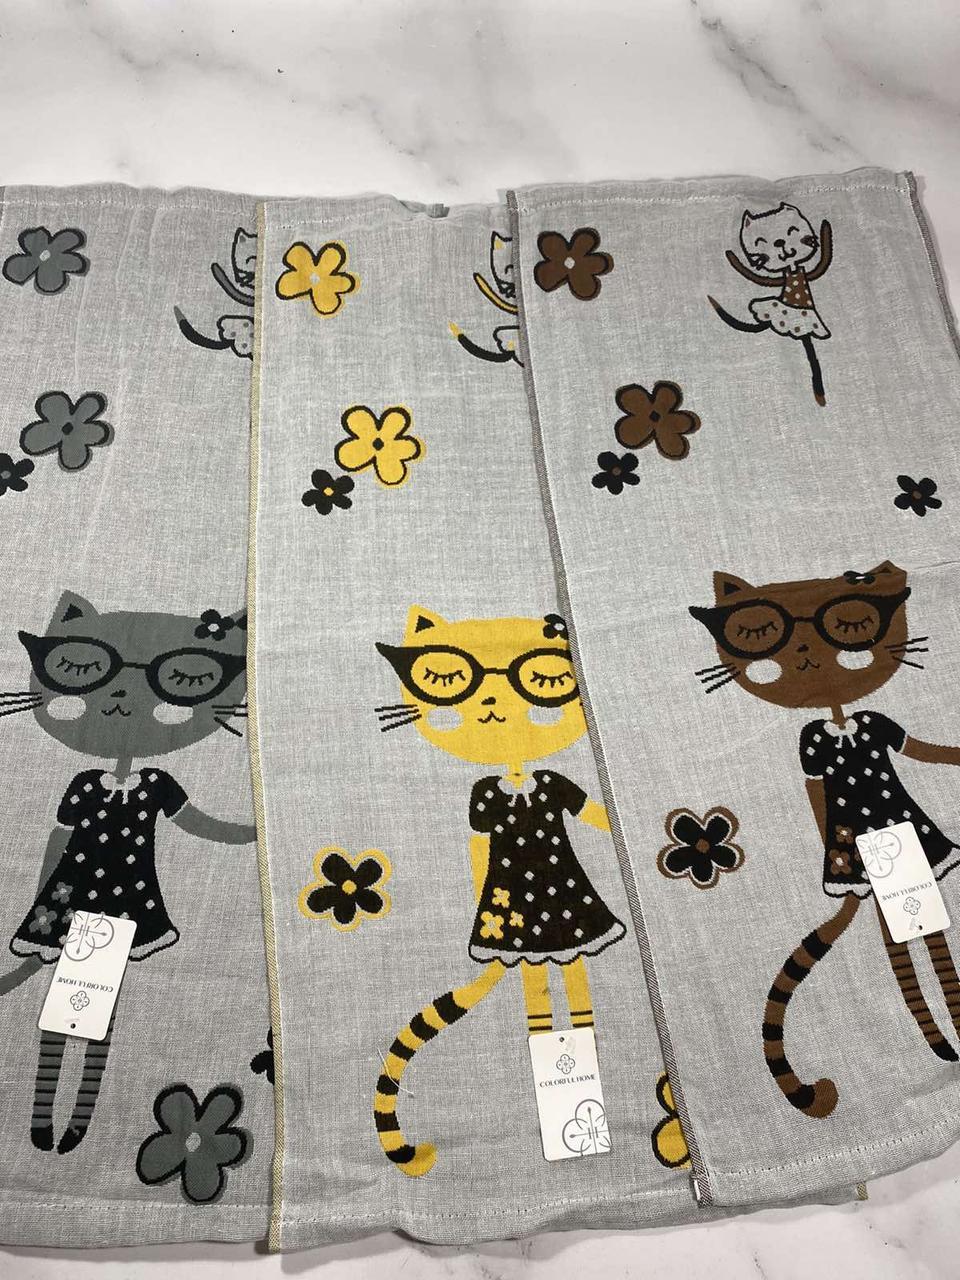 Полотенце банное Лен  Р.р 70*140 (кот в очках)